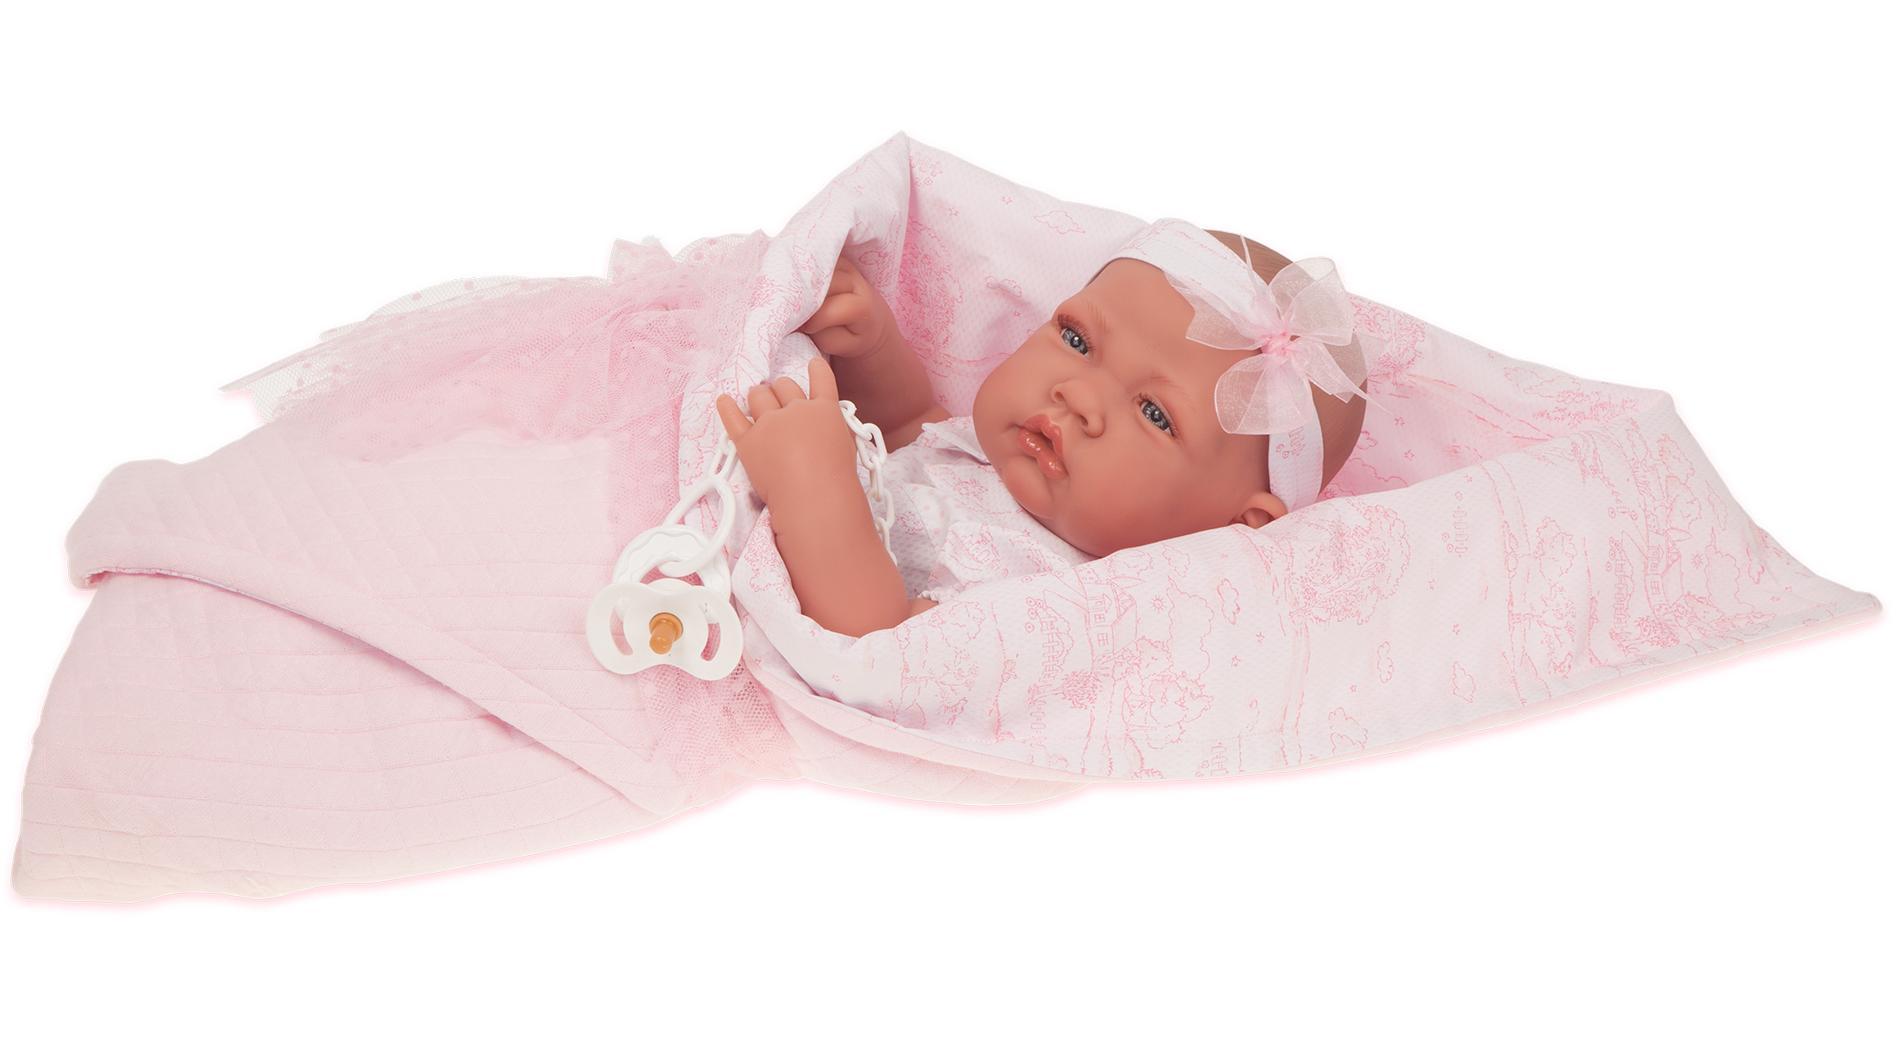 Antonio Juan Кукла-младенец Мириам, 42 см